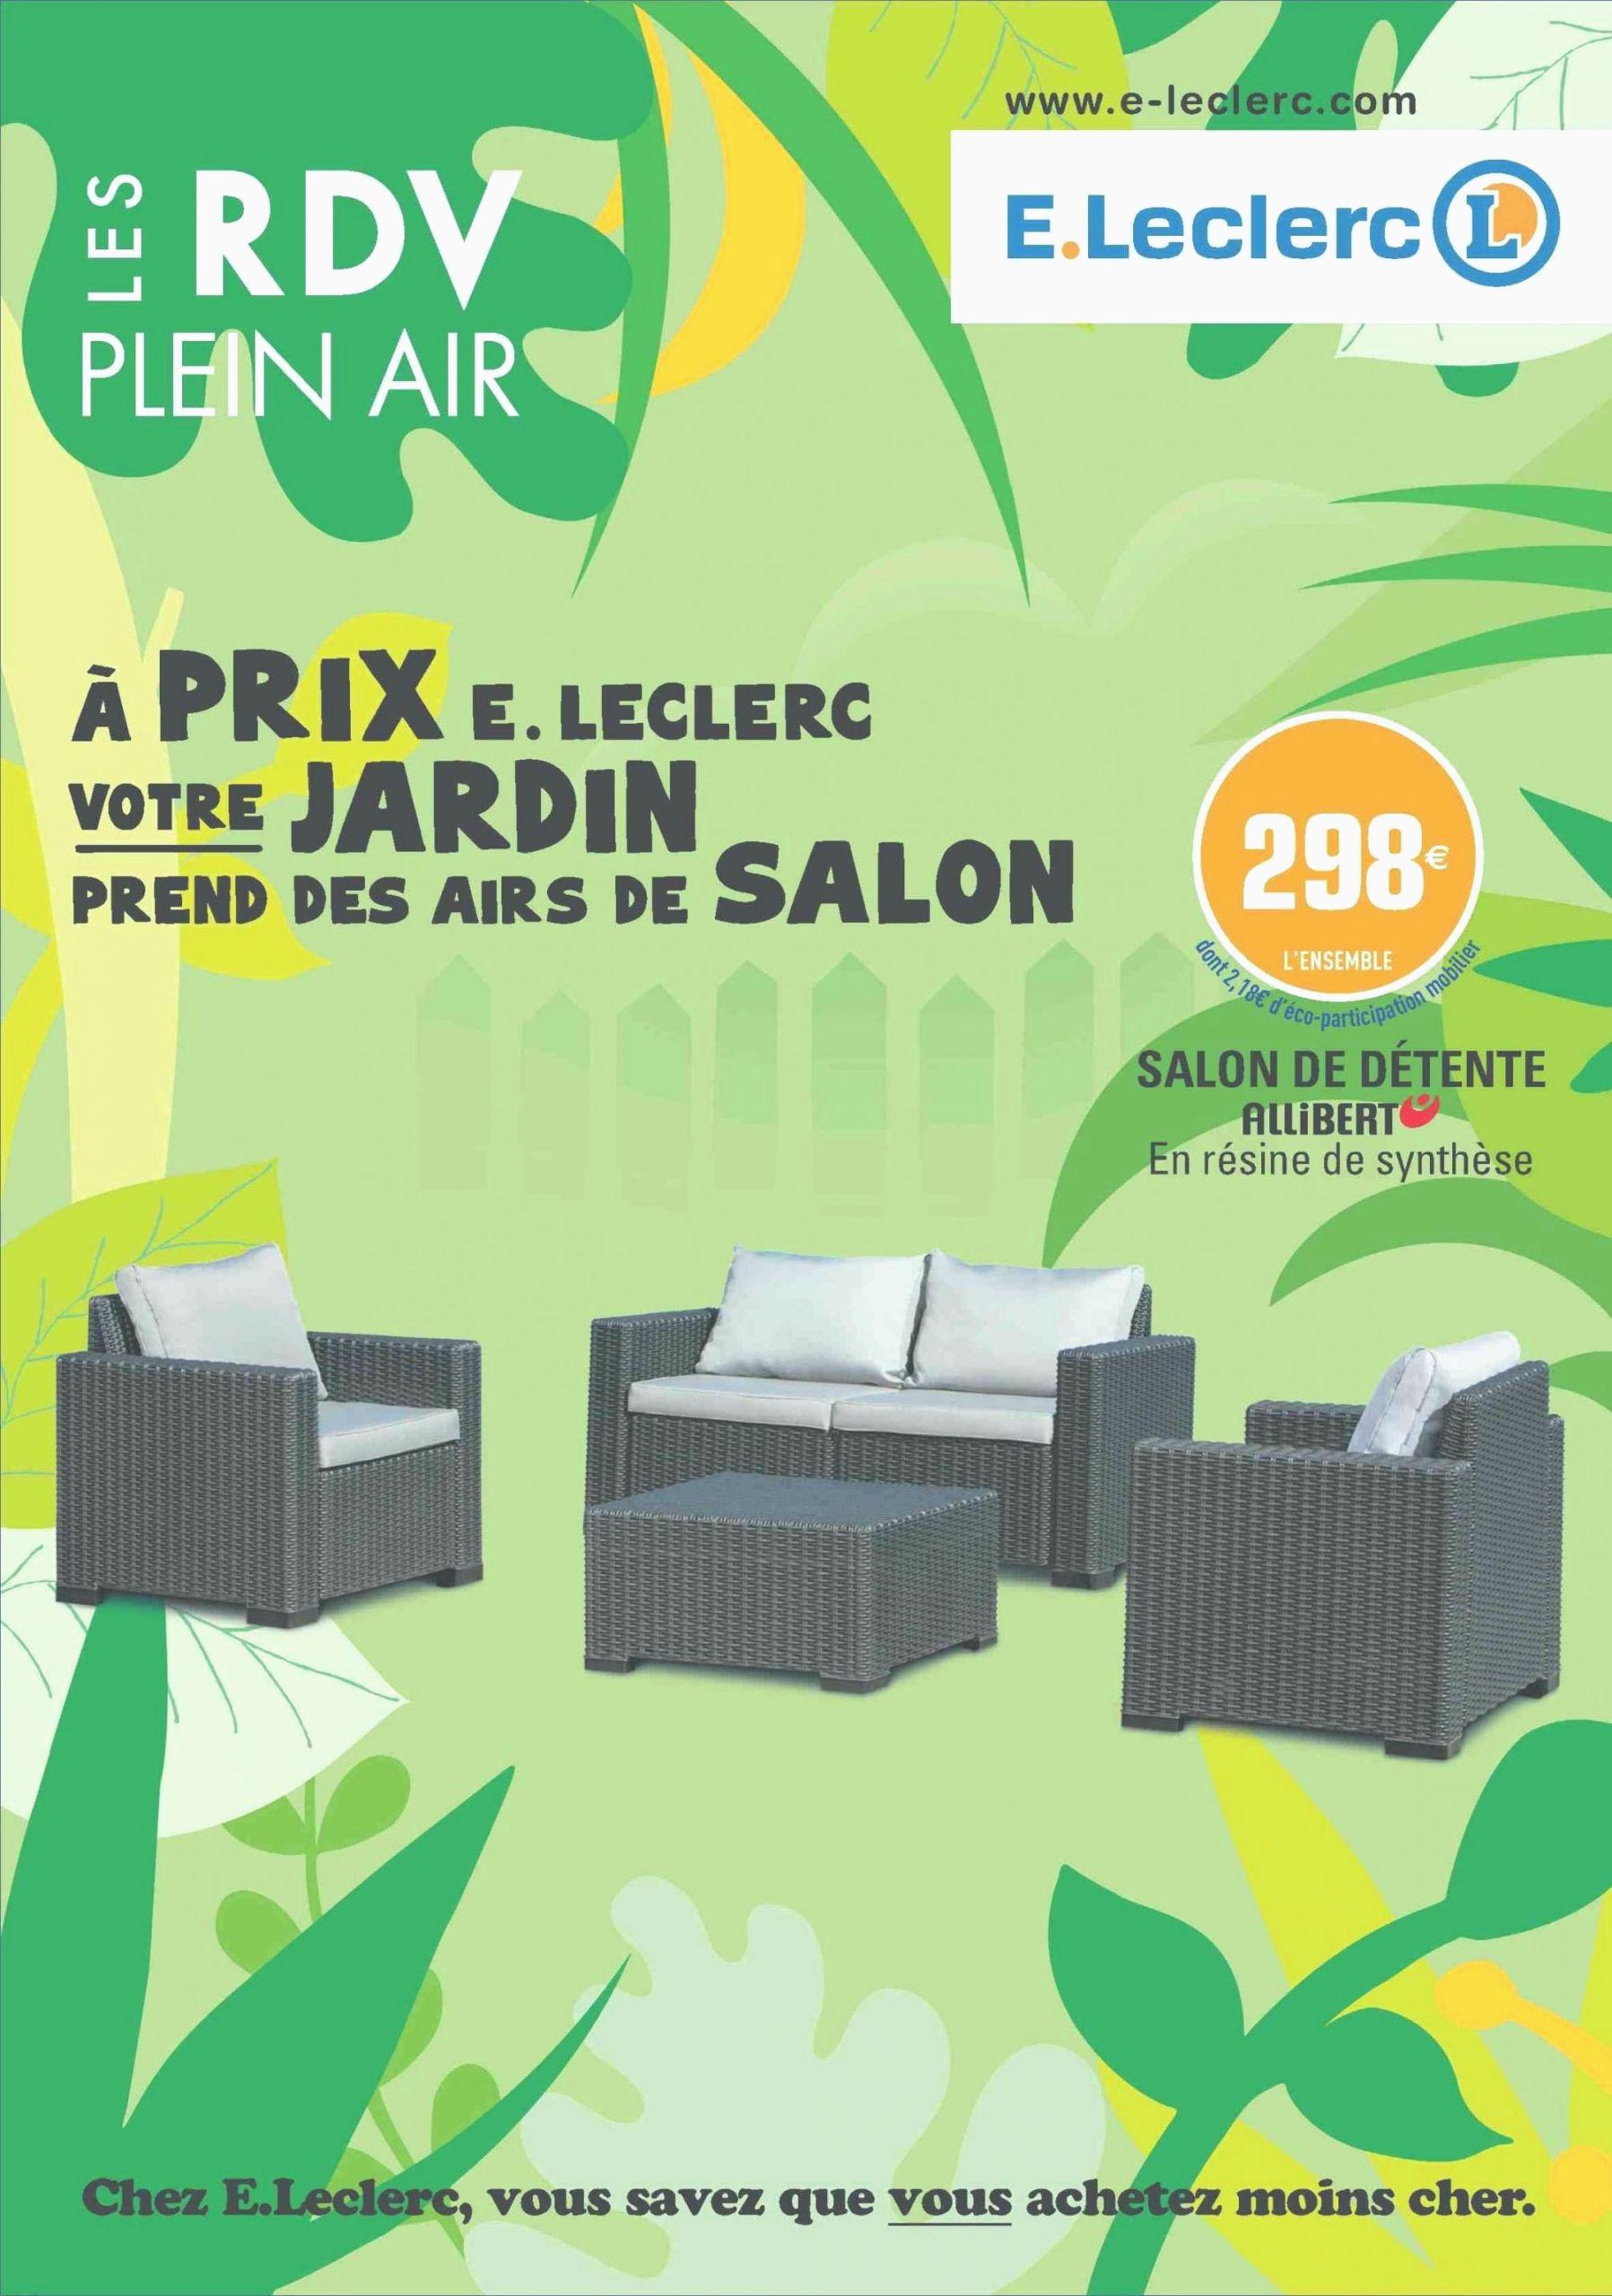 Vente De Table De Jardin Exceptionnel Table De Salon De ... encequiconcerne Salon De Jardin Chez Leclerc